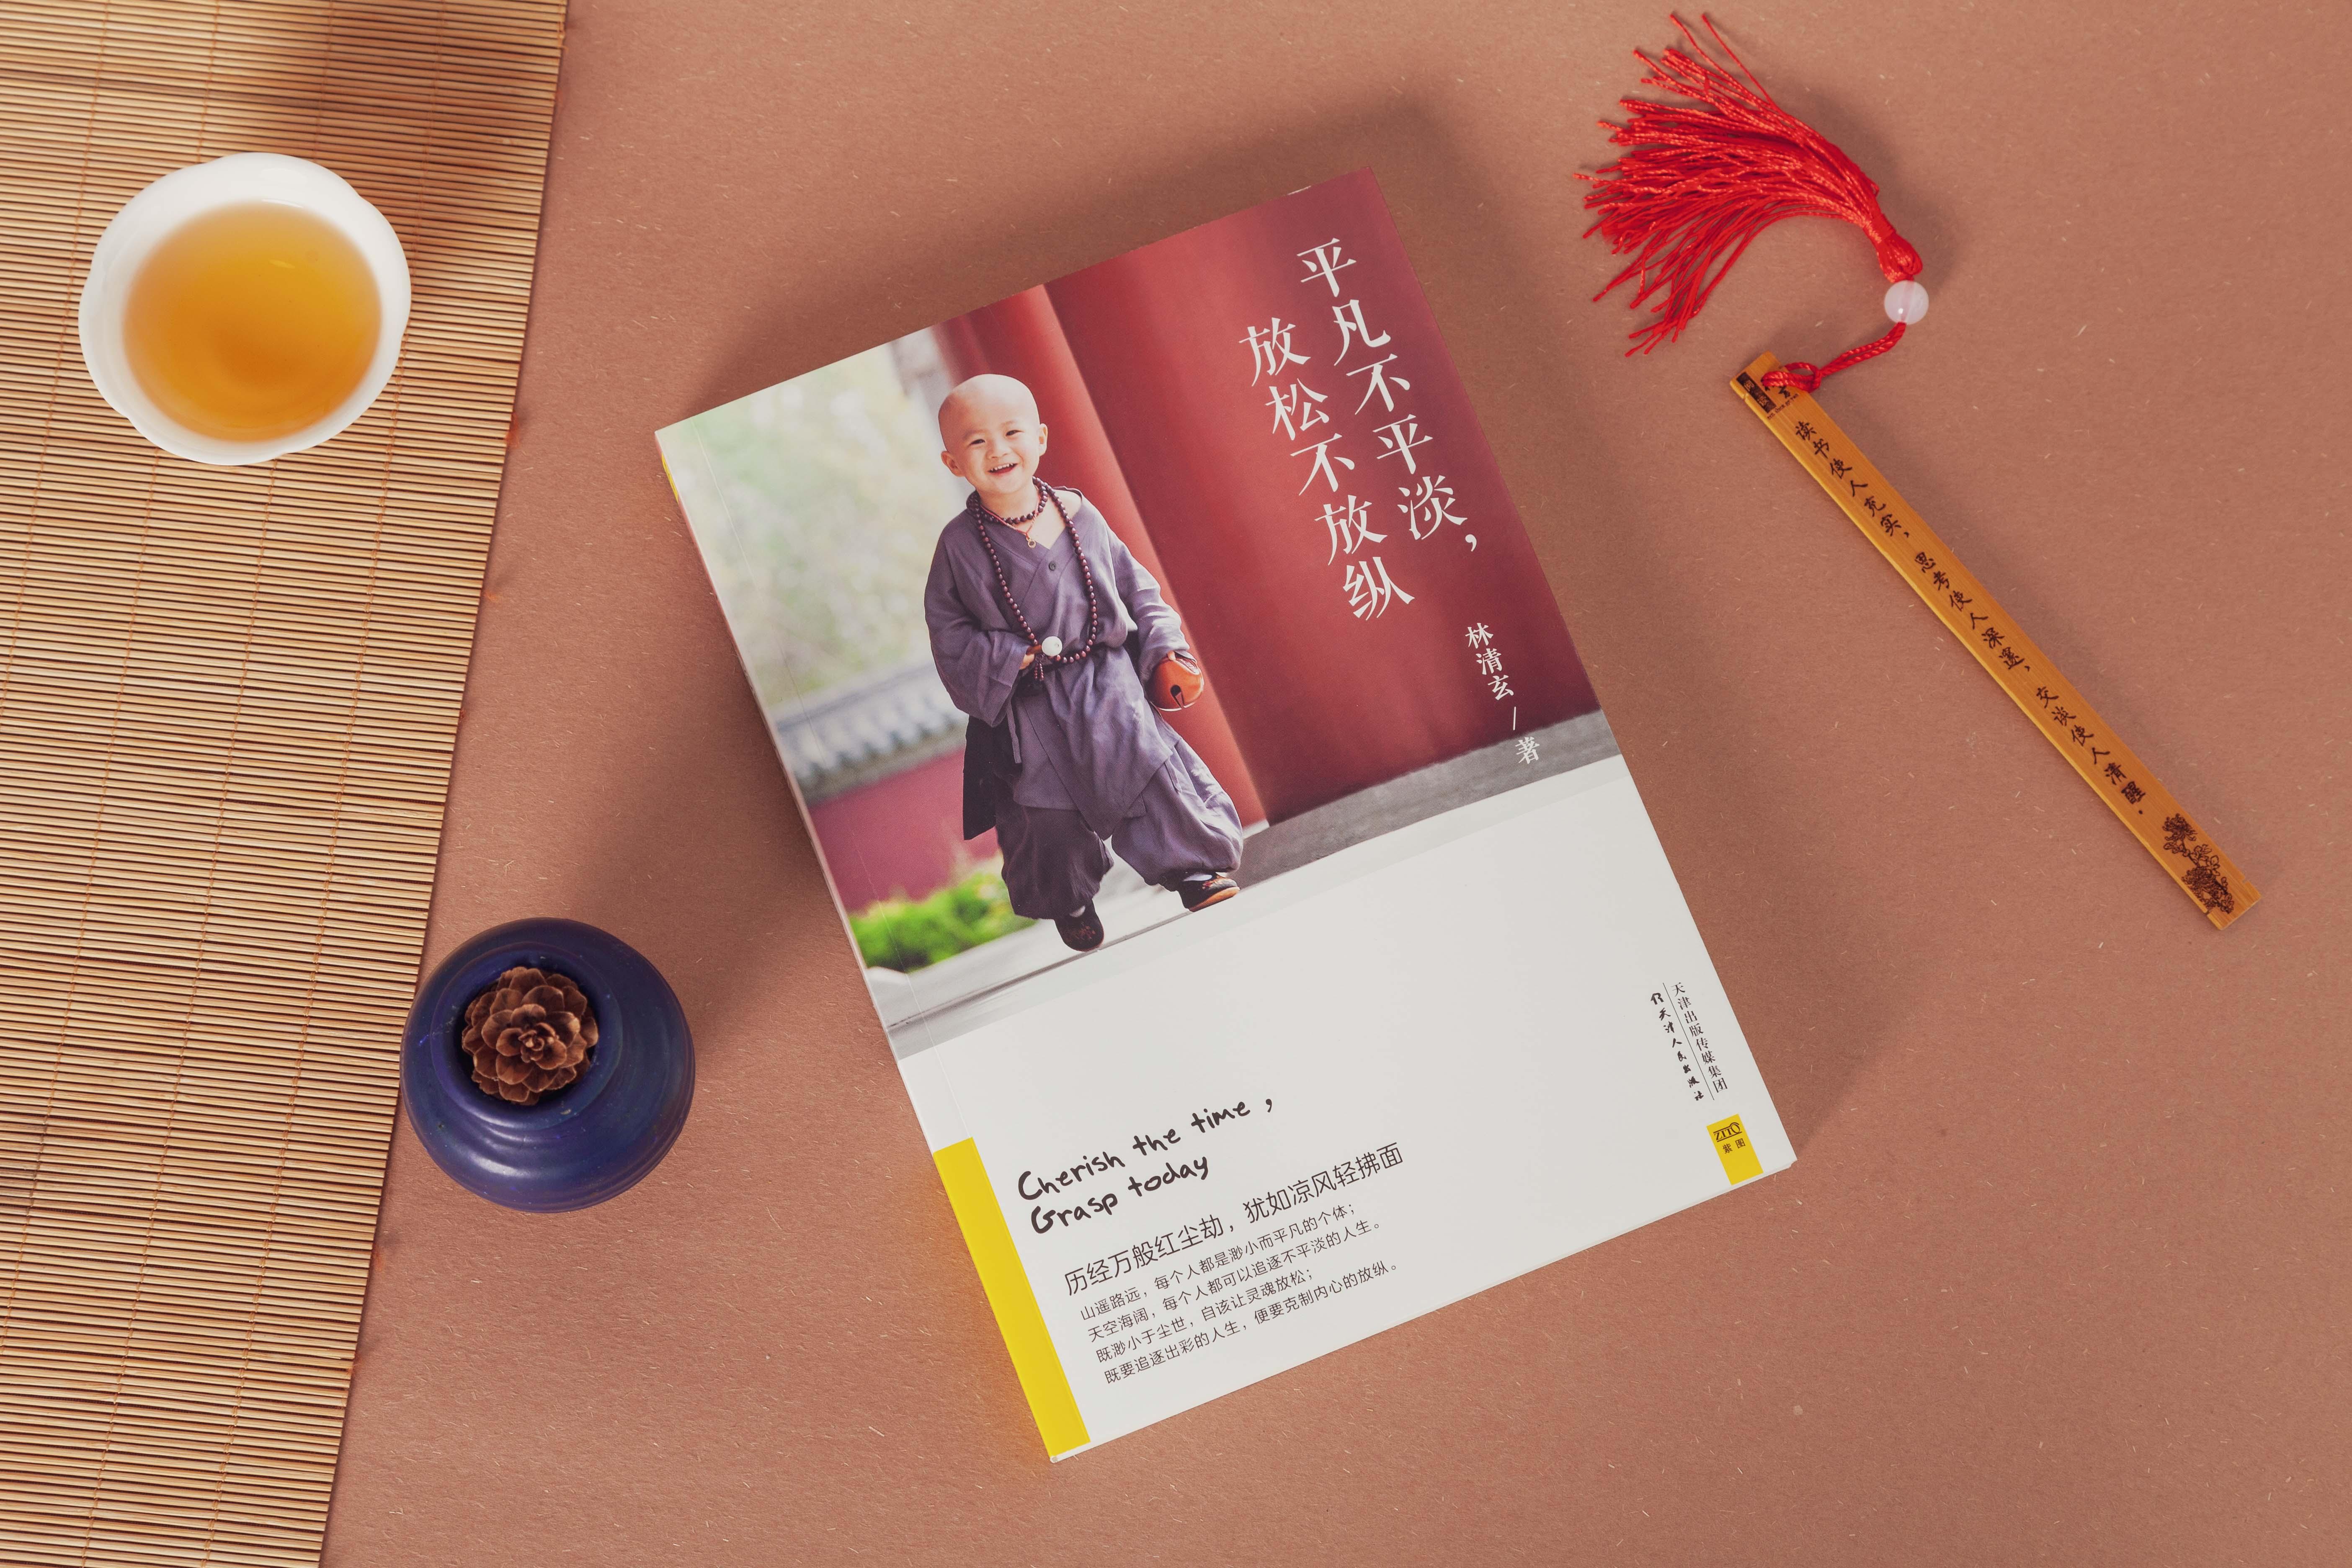 《平凡不平淡,放松不放纵》丨林清玄先生首部以自律为主题的散文集 商品图0